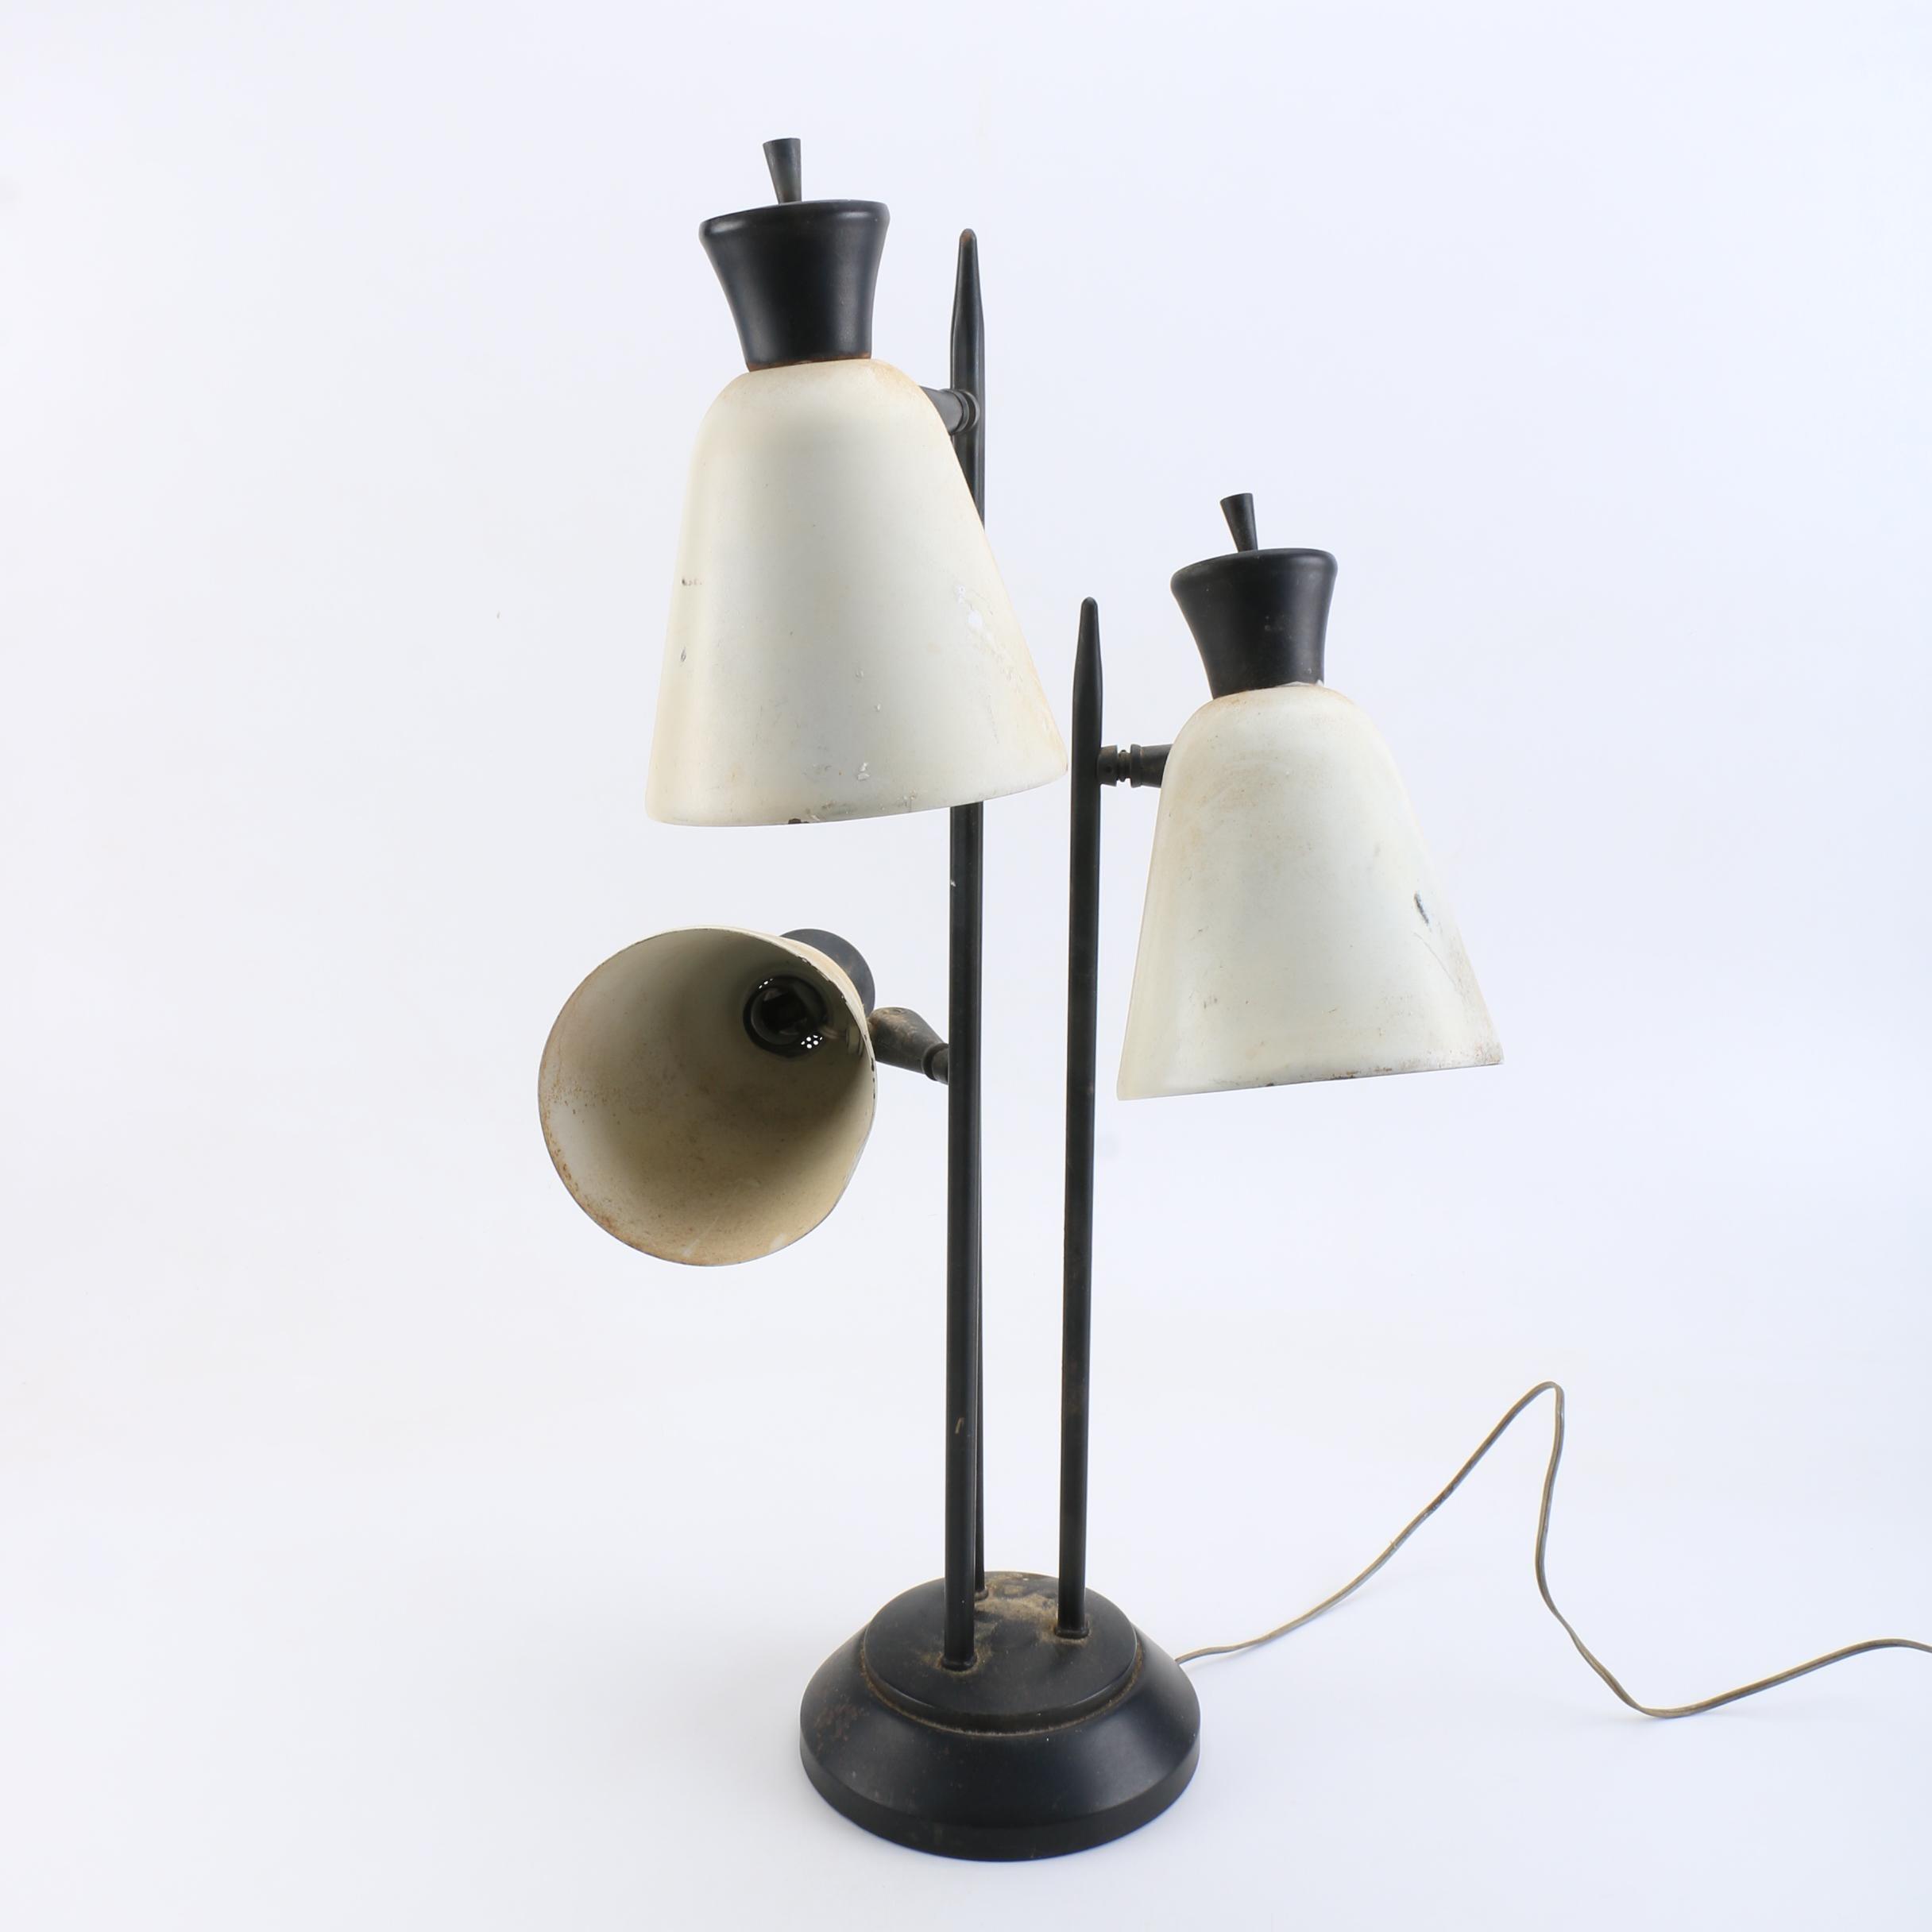 Vintage Three Light Table Lamp Ebth